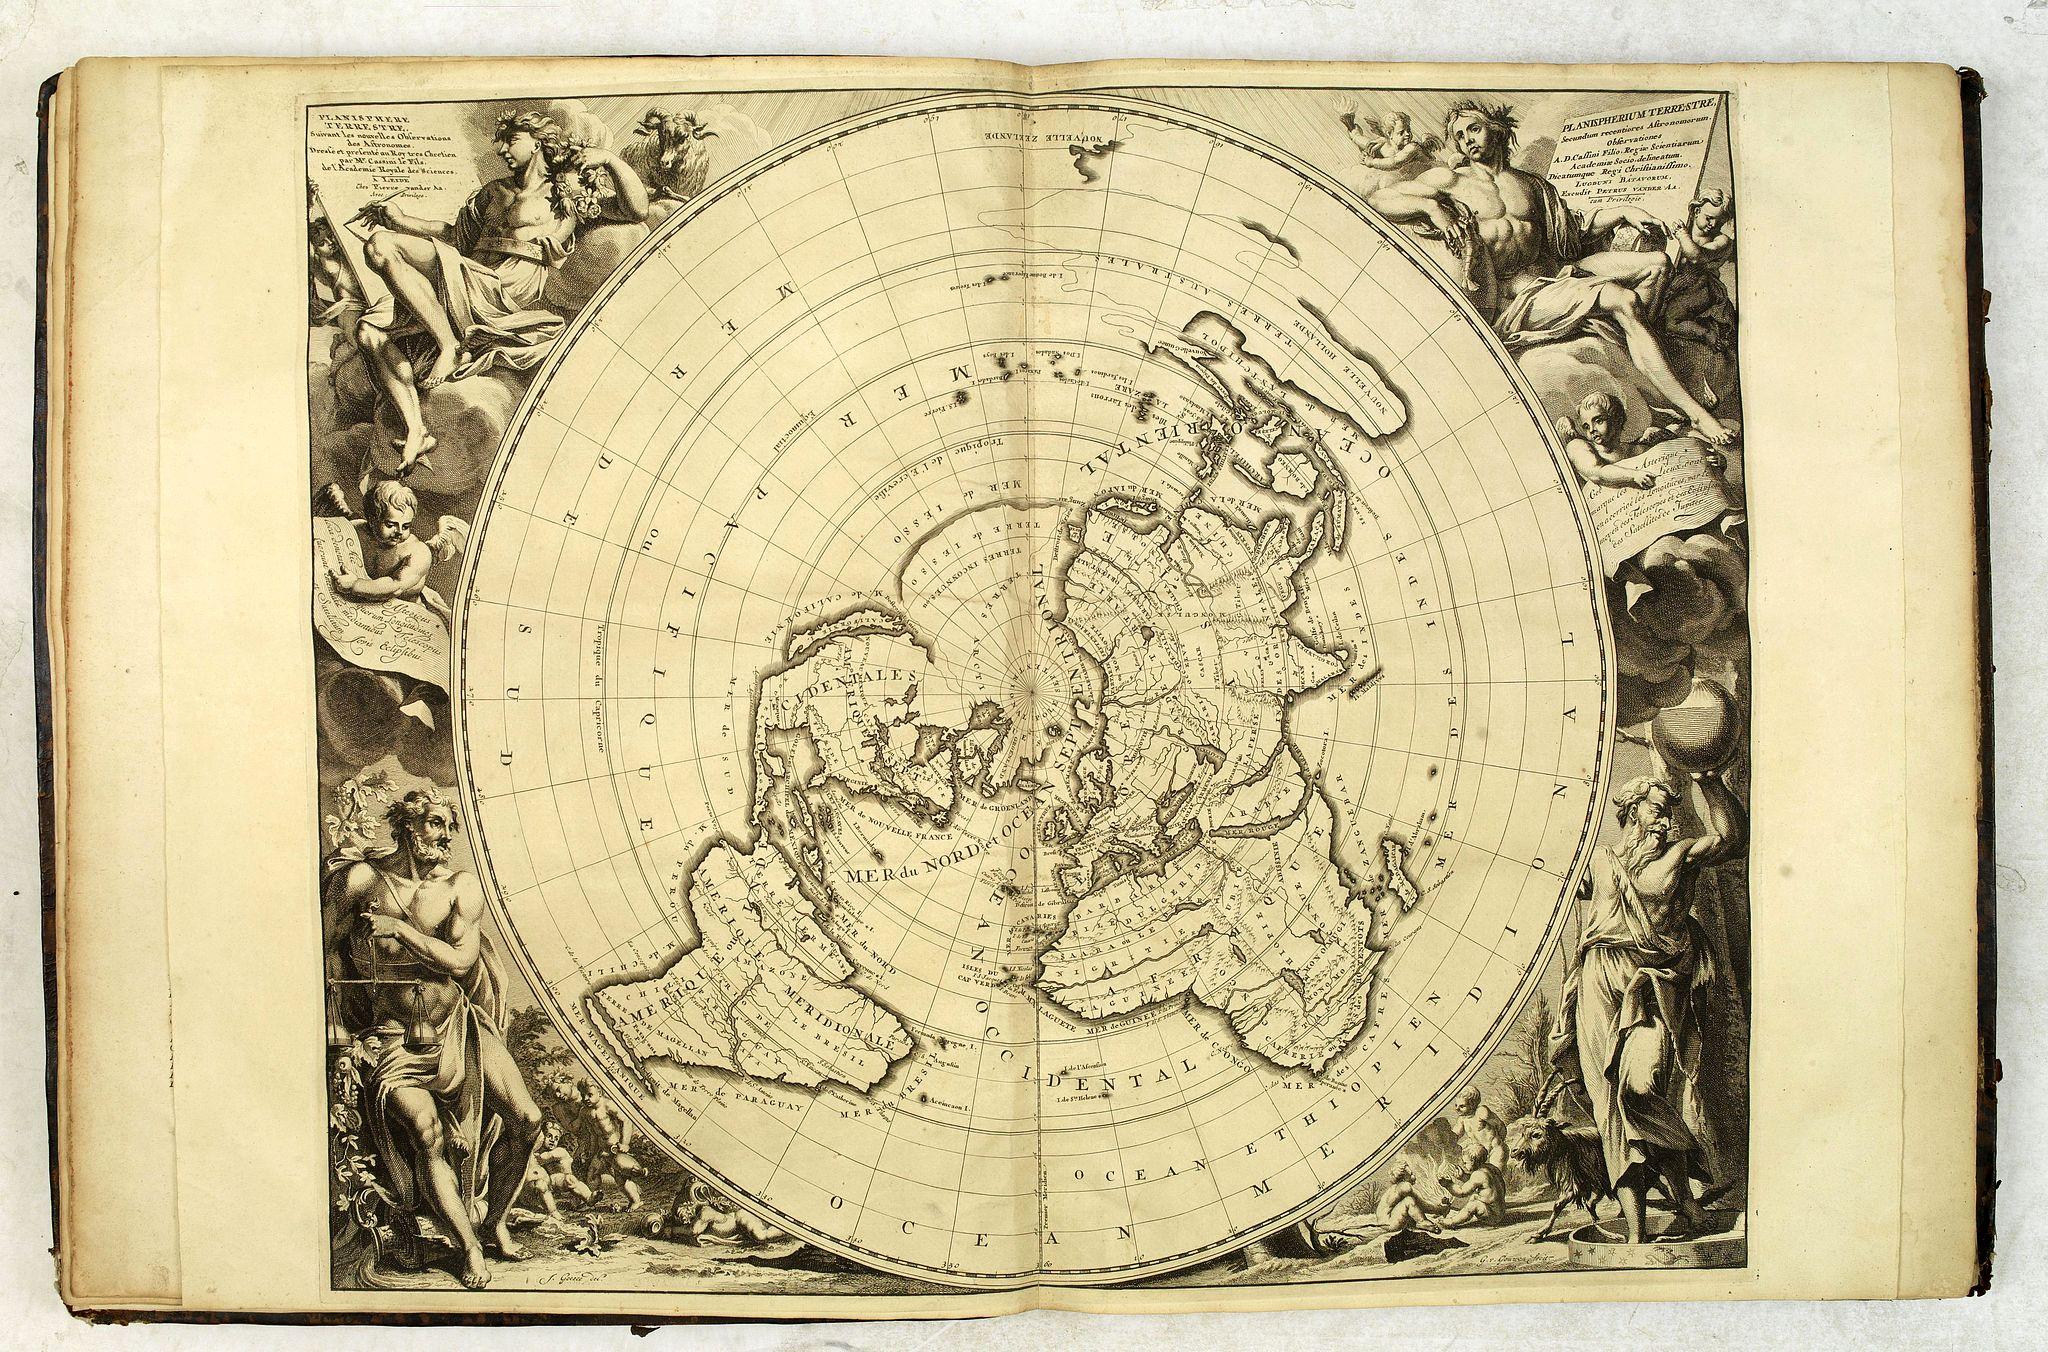 AA, P. van der. -  Le Nouveau Theatre du Monde, ou la Geographie Royale composée de nouvelles cartes tres-exactes..